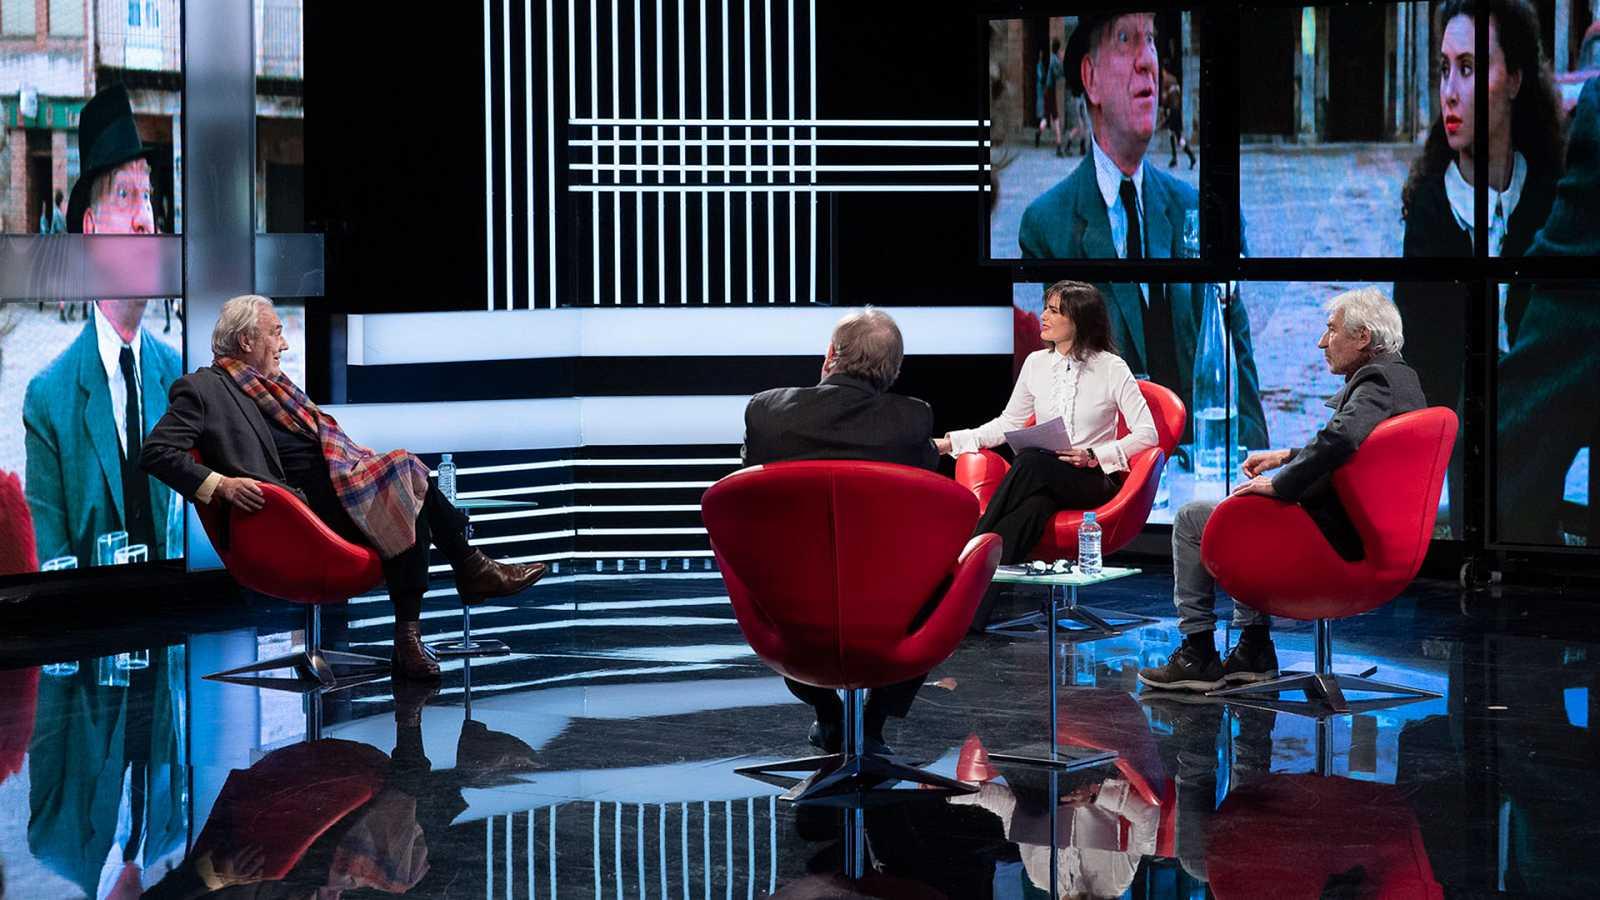 Historia de nuestro cine - Coloquio: Premios Goya - ver ahora